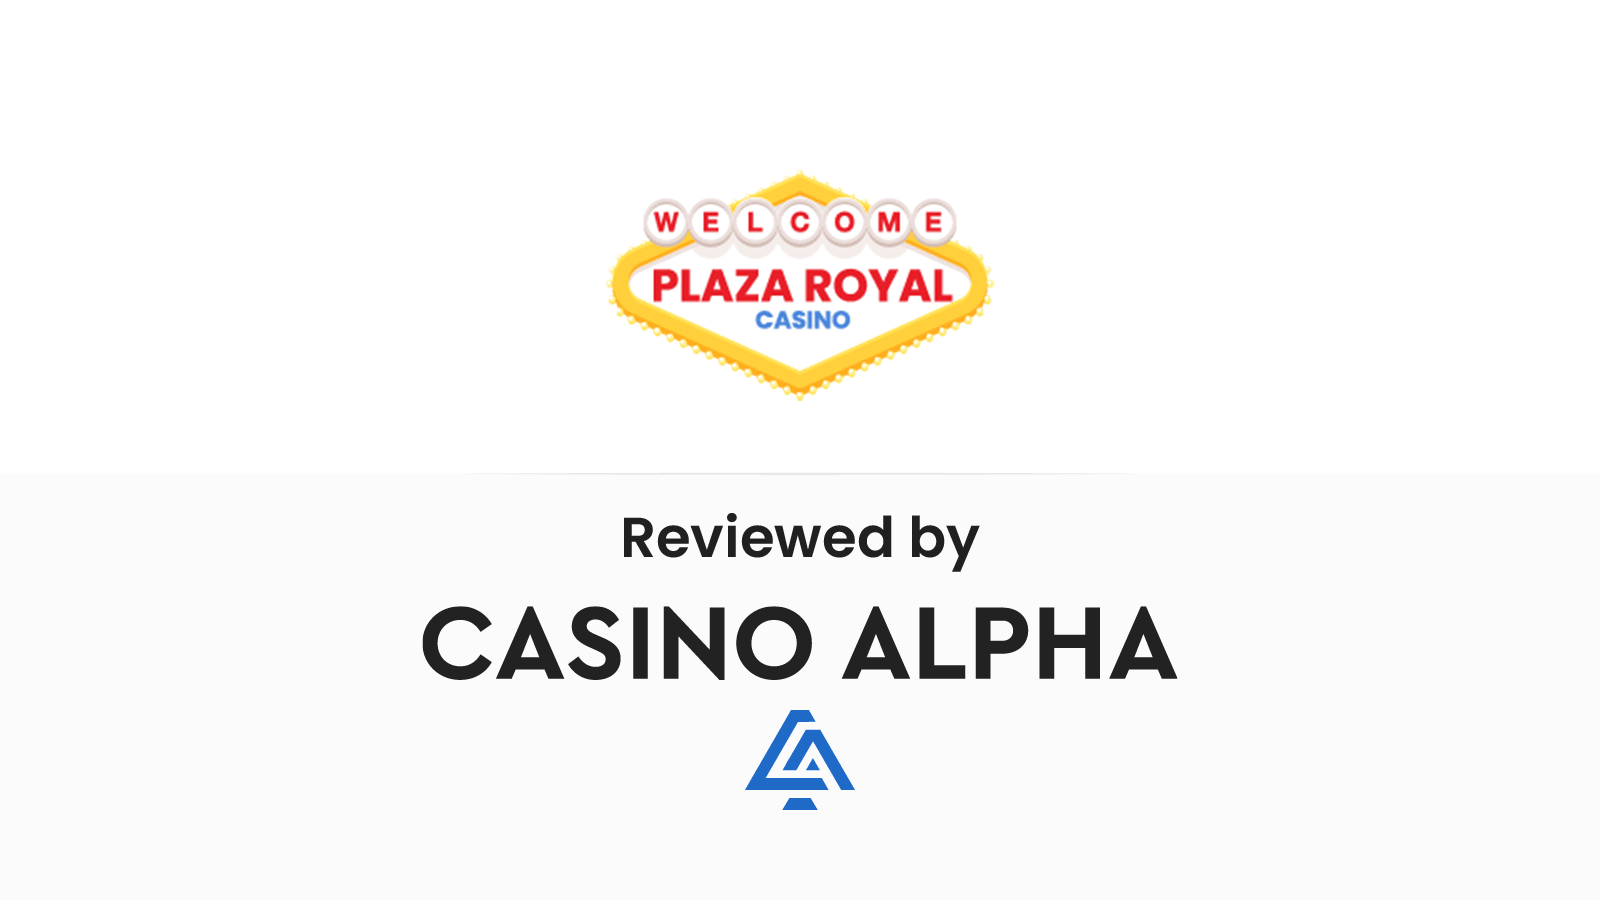 Plaza Royal Review & Bonuses